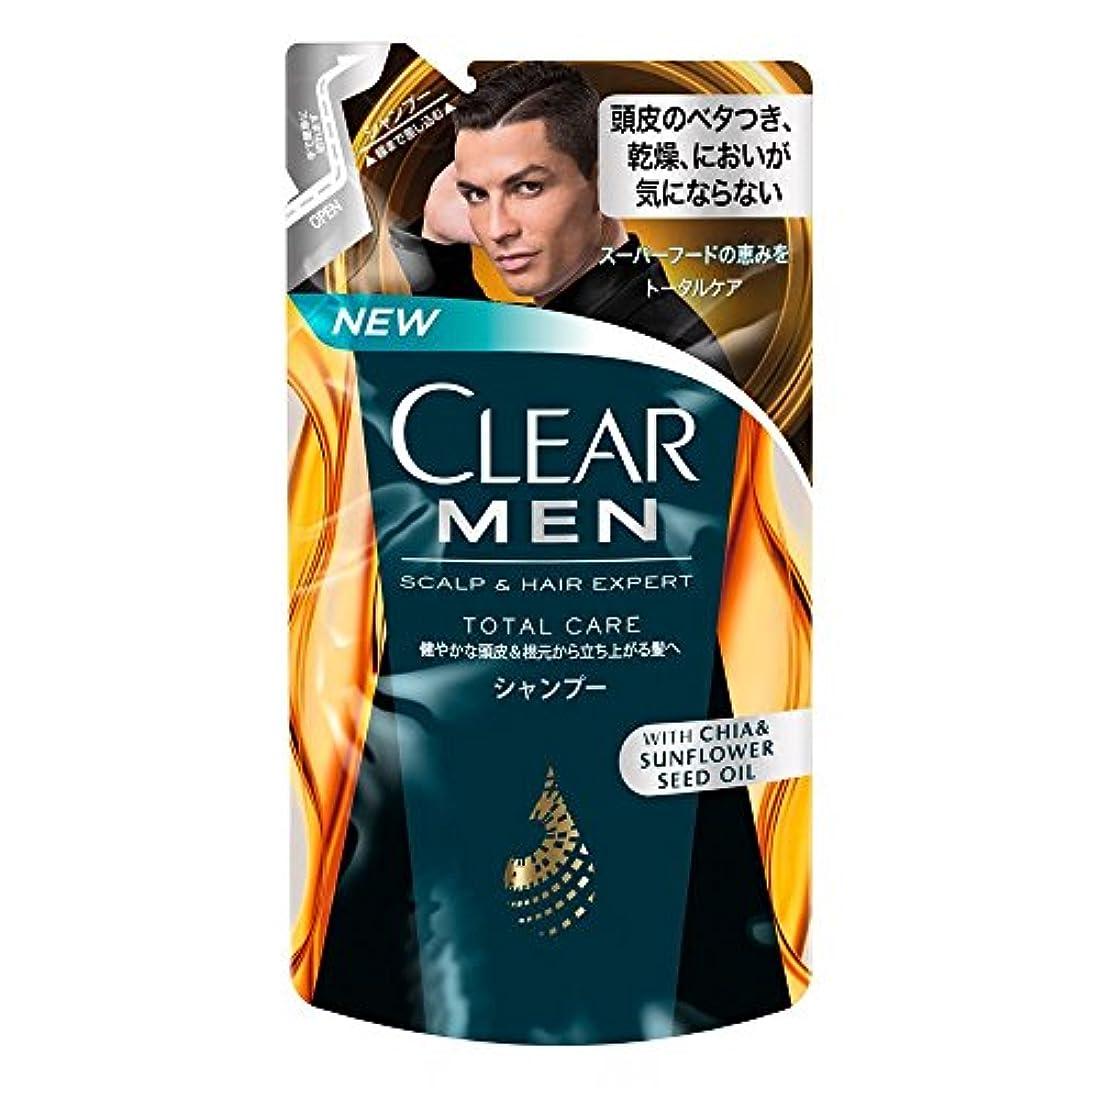 クリア フォーメン トータルケア 男性用シャンプー つめかえ用 (健やかな頭皮へ) 280g × 3個